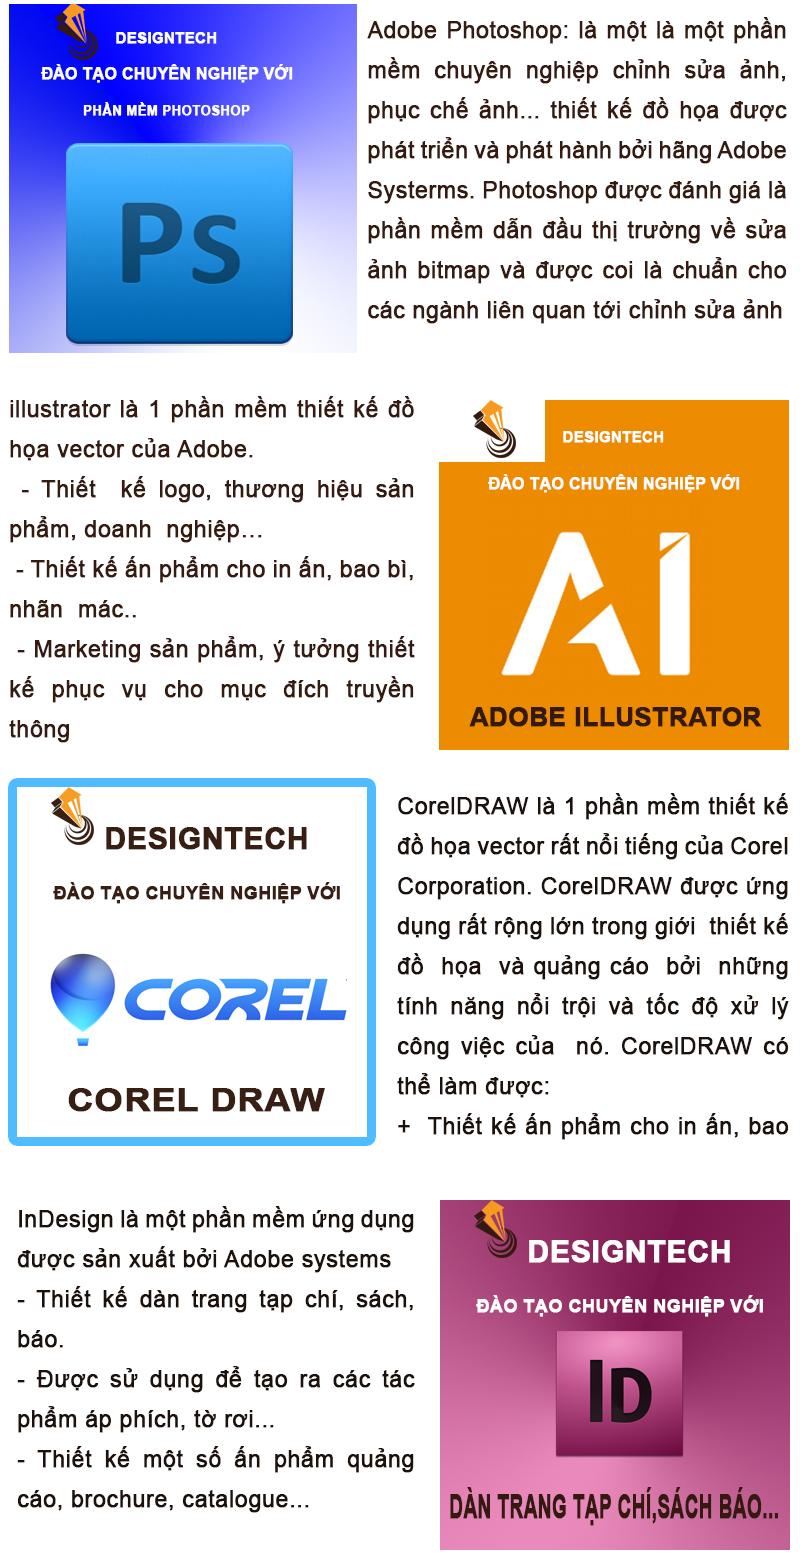 Nhận thiết kế biển bảng quảng cáo chất lượng tại Đống Đa